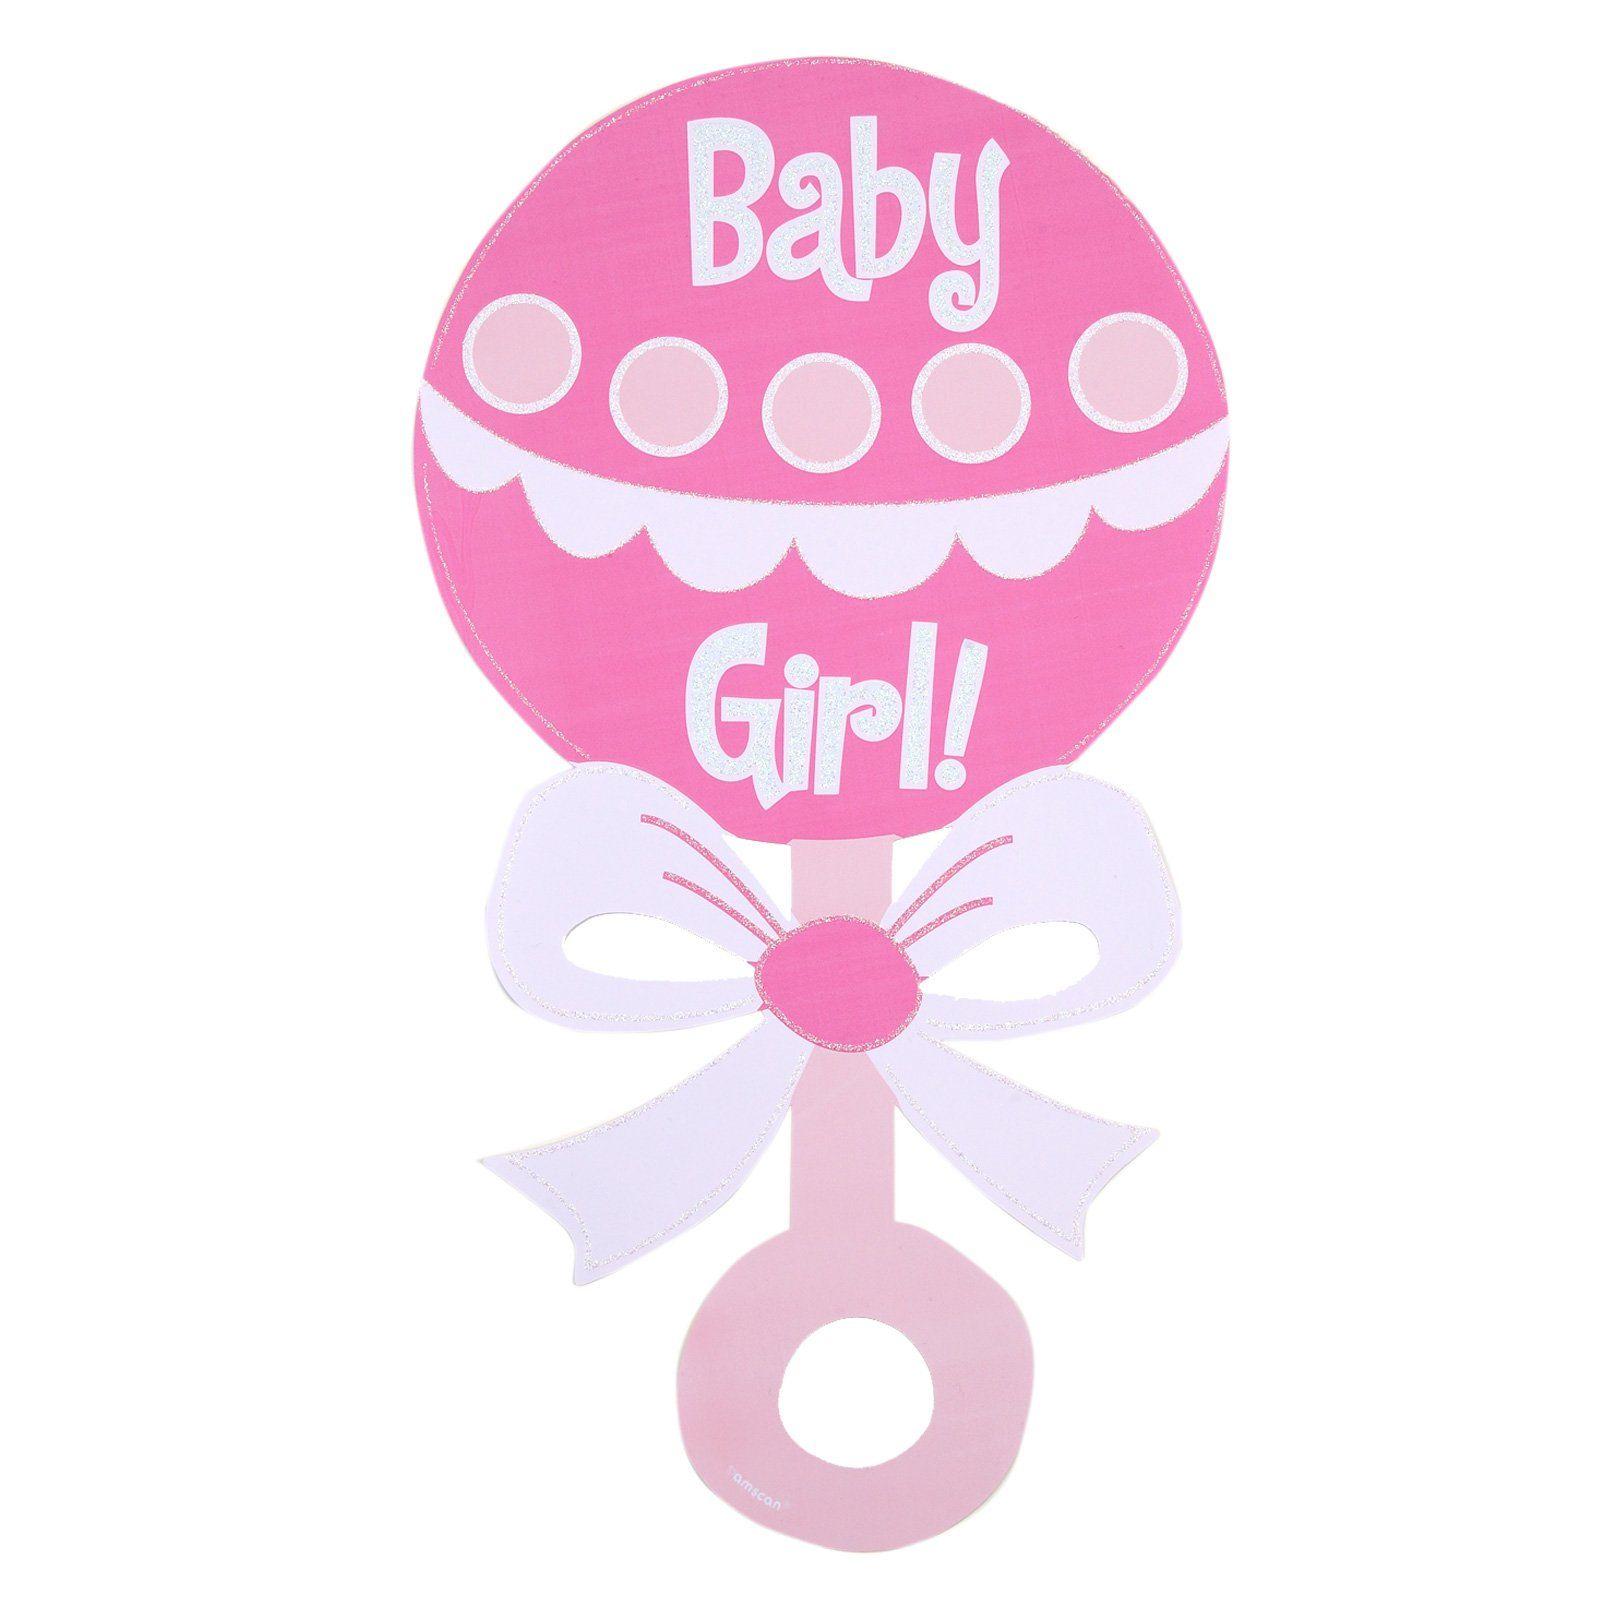 image result for girl baby shower clip art artwork pinterest rh pinterest com baby rattle images clip art free clipart baby rattle